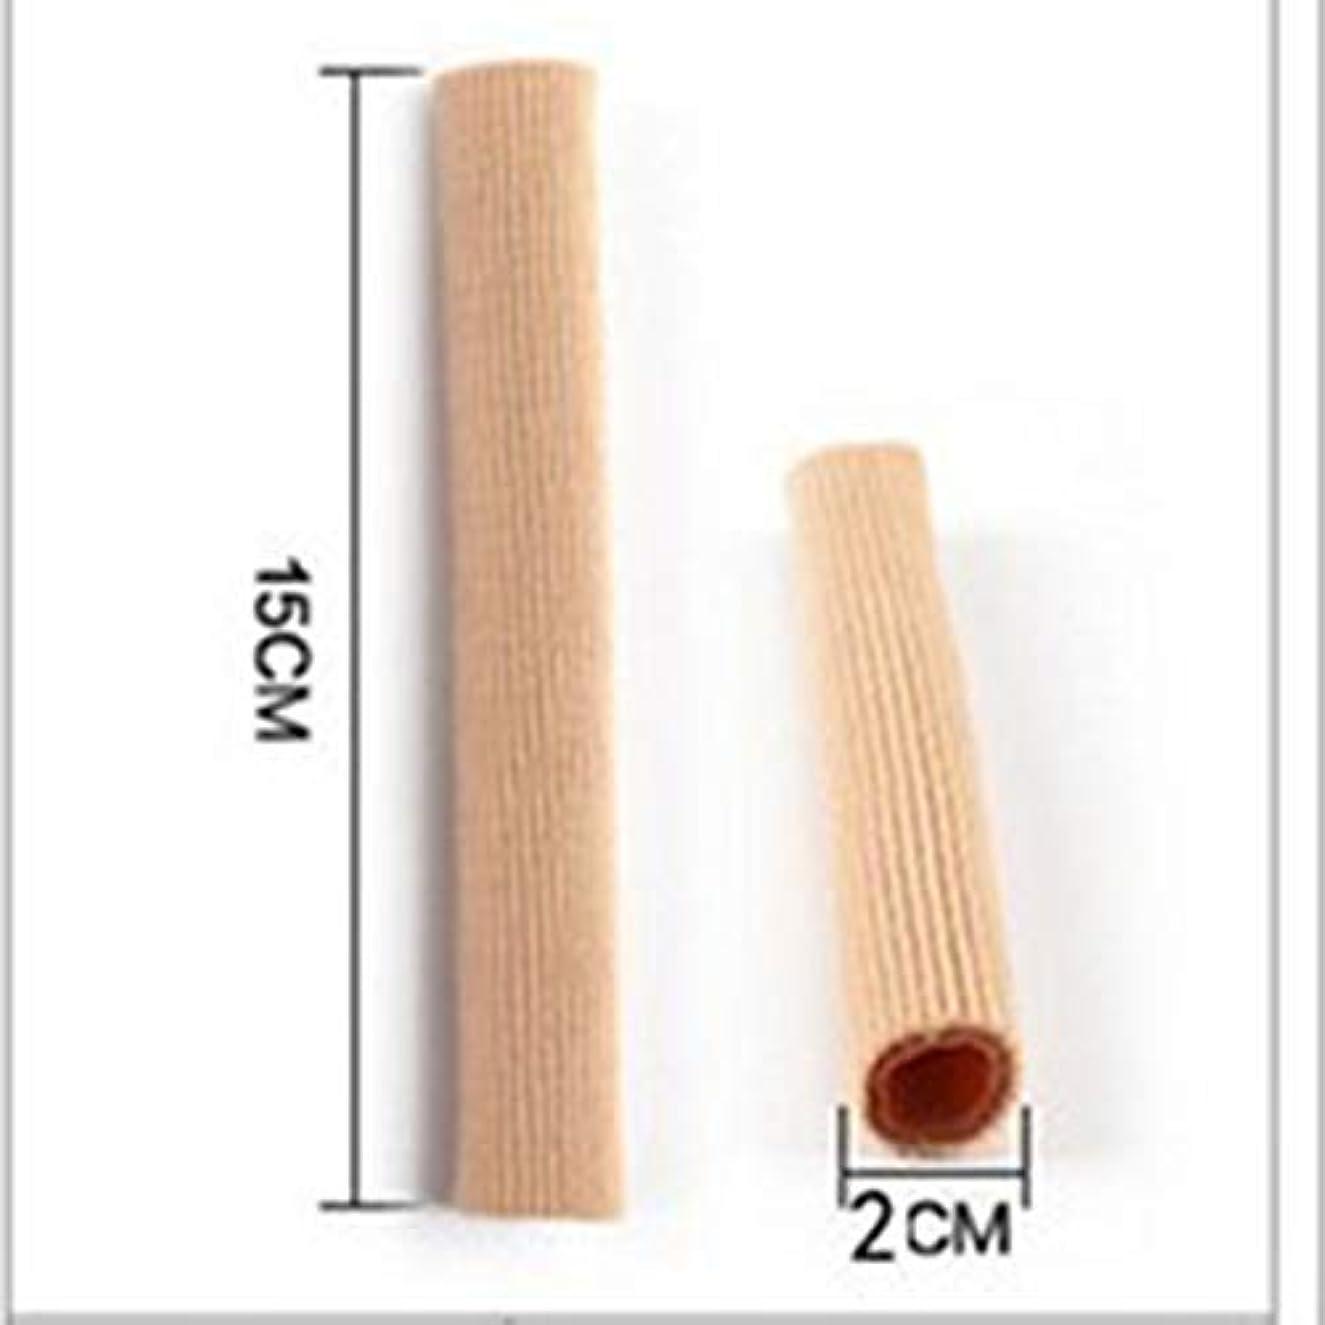 傾向がある作物ピカソOpen Toe Tubes Gel Lined Fabric Sleeve Protectors To Prevent Corns, Calluses And Blisters While Softening And...